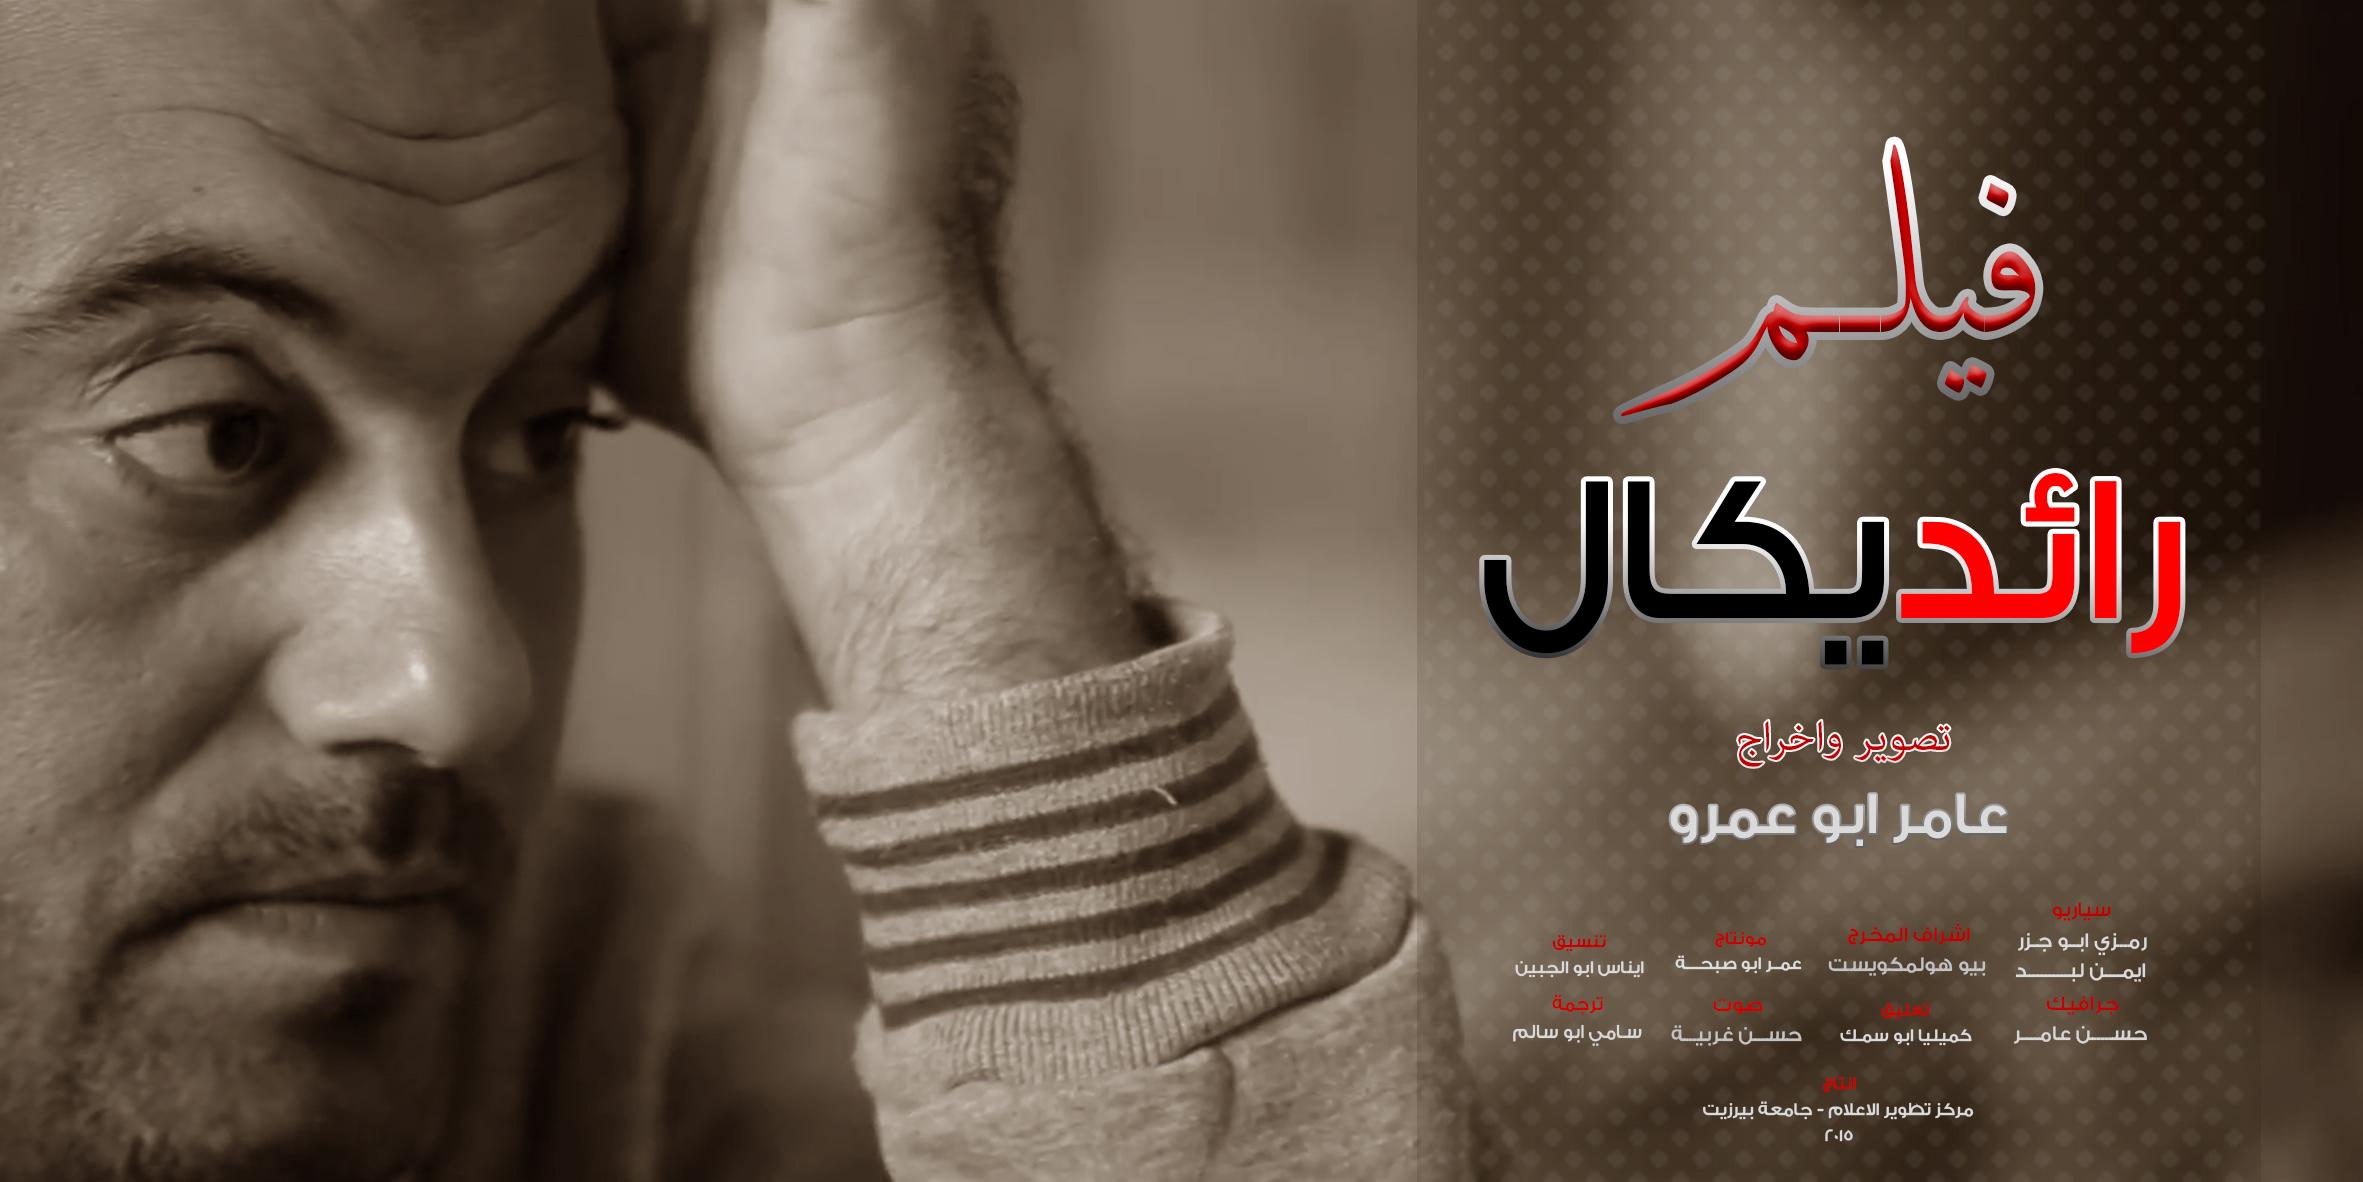 """الفيلم الفلسطيني """" رائديكال""""للمخرج عامر أبو عمرو في الدورة الثانية لمهرجان القدس السينمائي الدولي"""